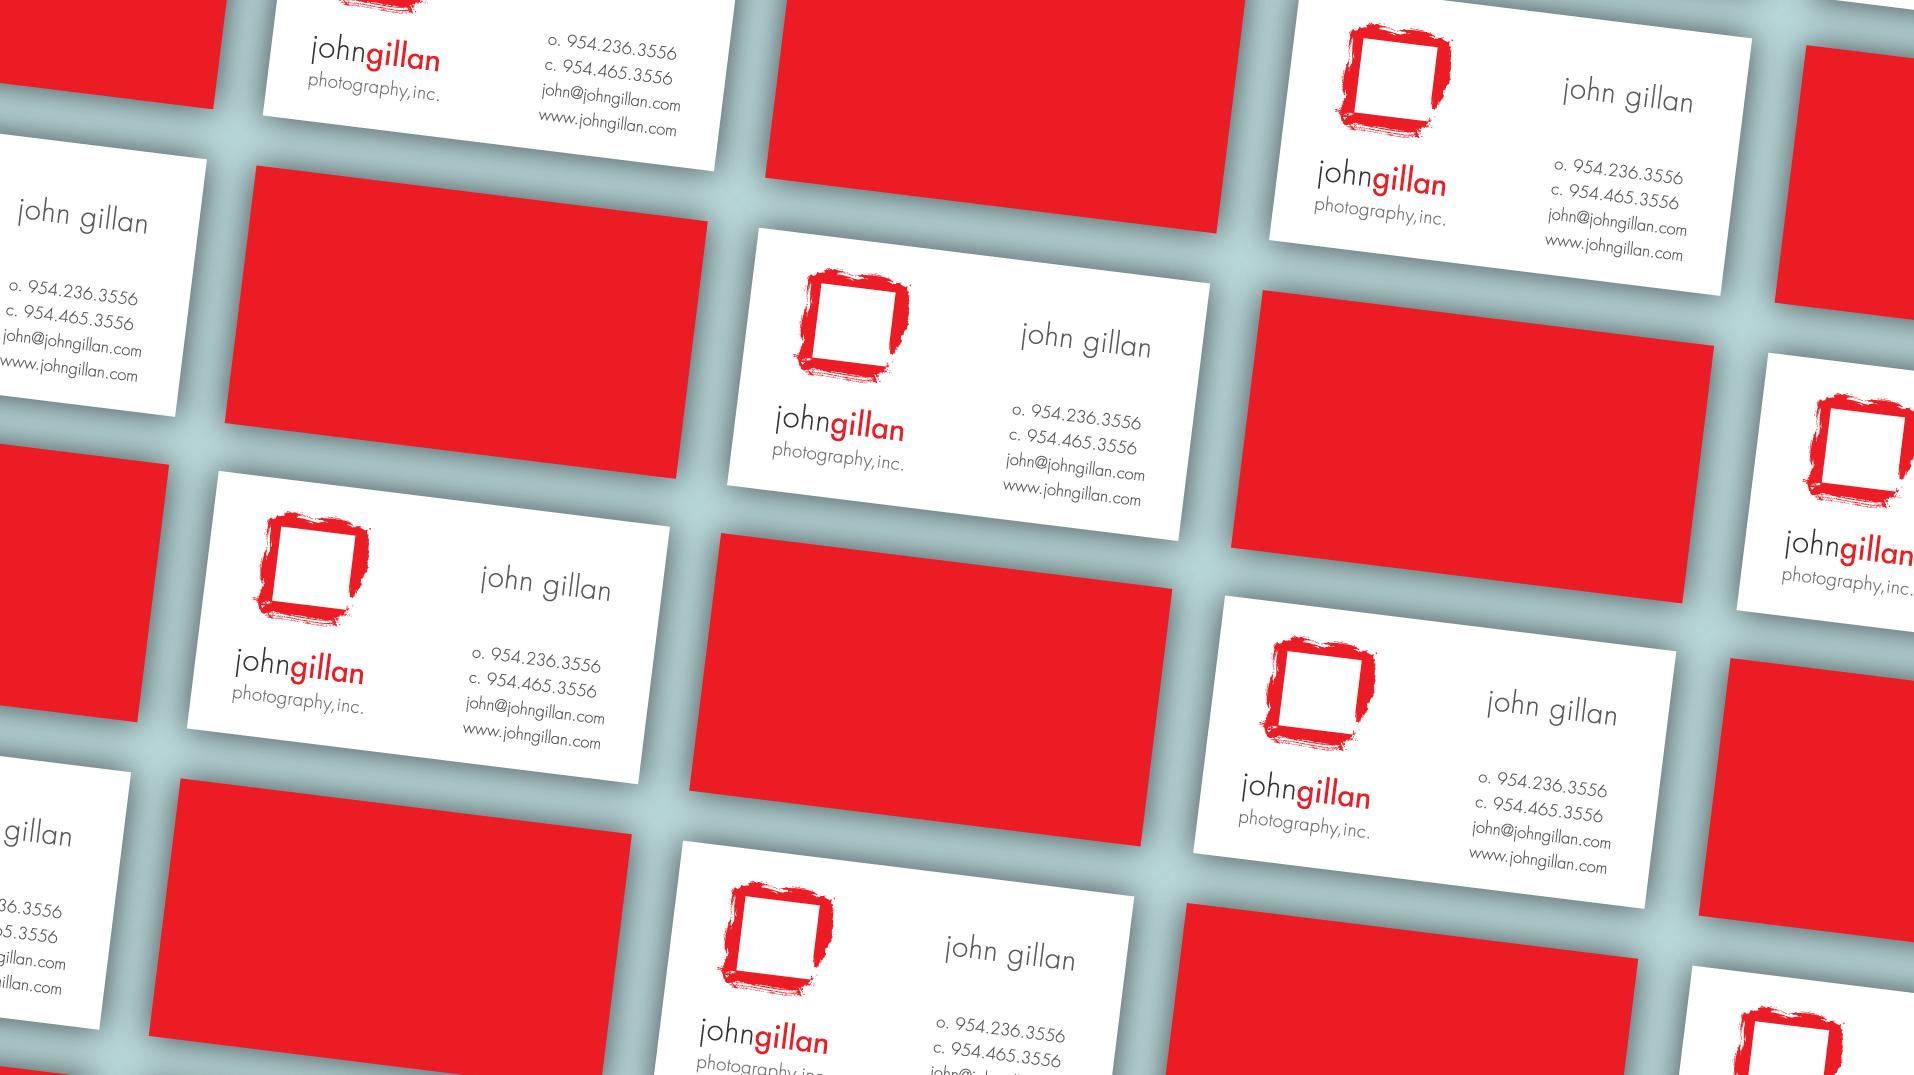 gillan cards 2.jpg